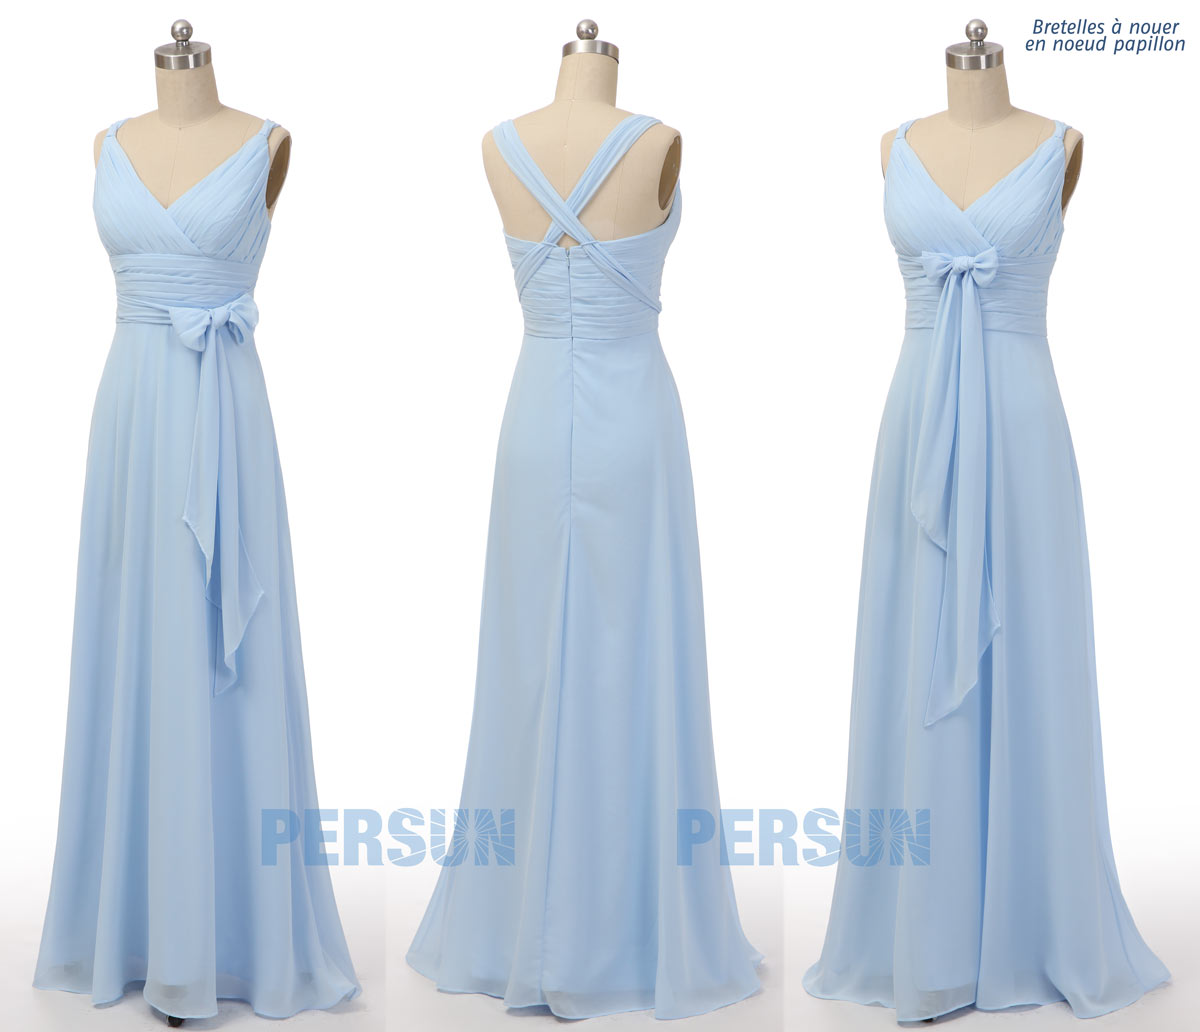 robe demoiselle empire longue bleu clair mousseline à noeud papillon